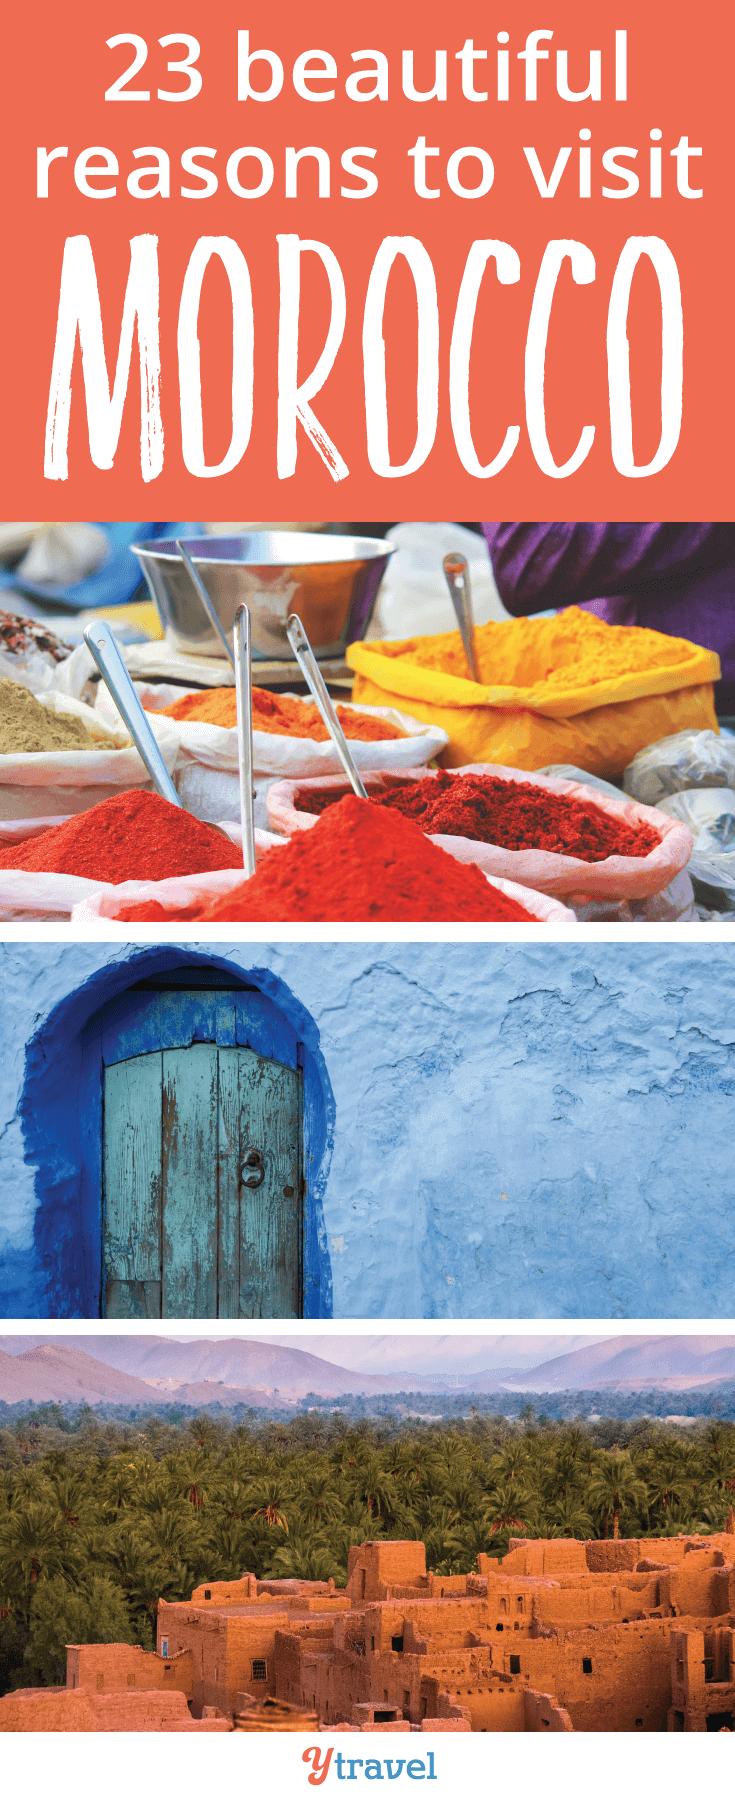 187581_Morocca-v1_3718-1 ▷ Comenta 23 hermosas razones para visitar Marruecos por nassim ga